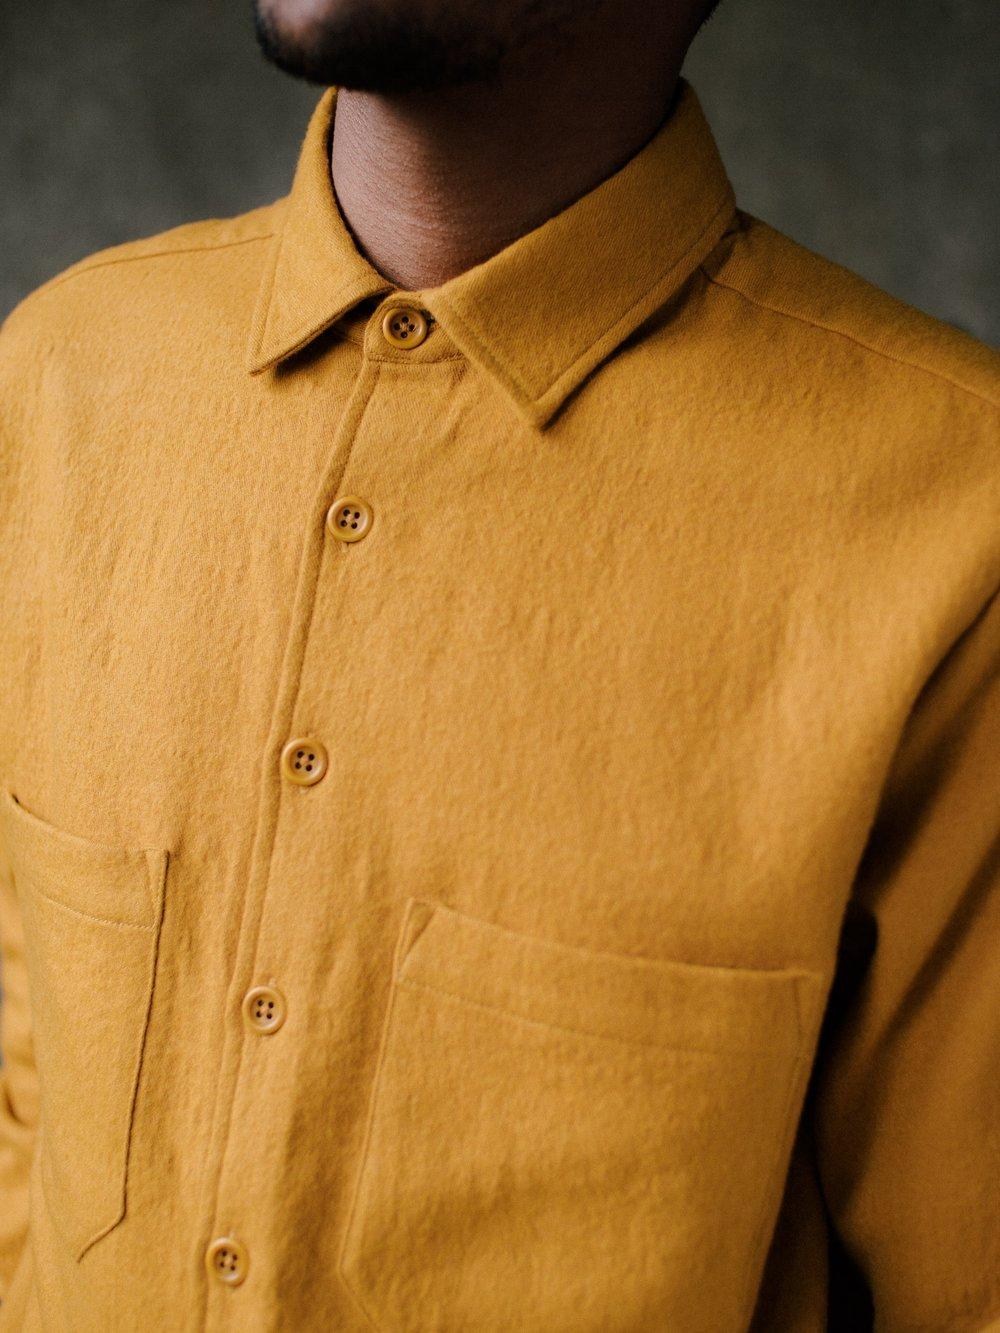 evan-kinori-two-pocket-shirt-marigold-wool-cotton-2